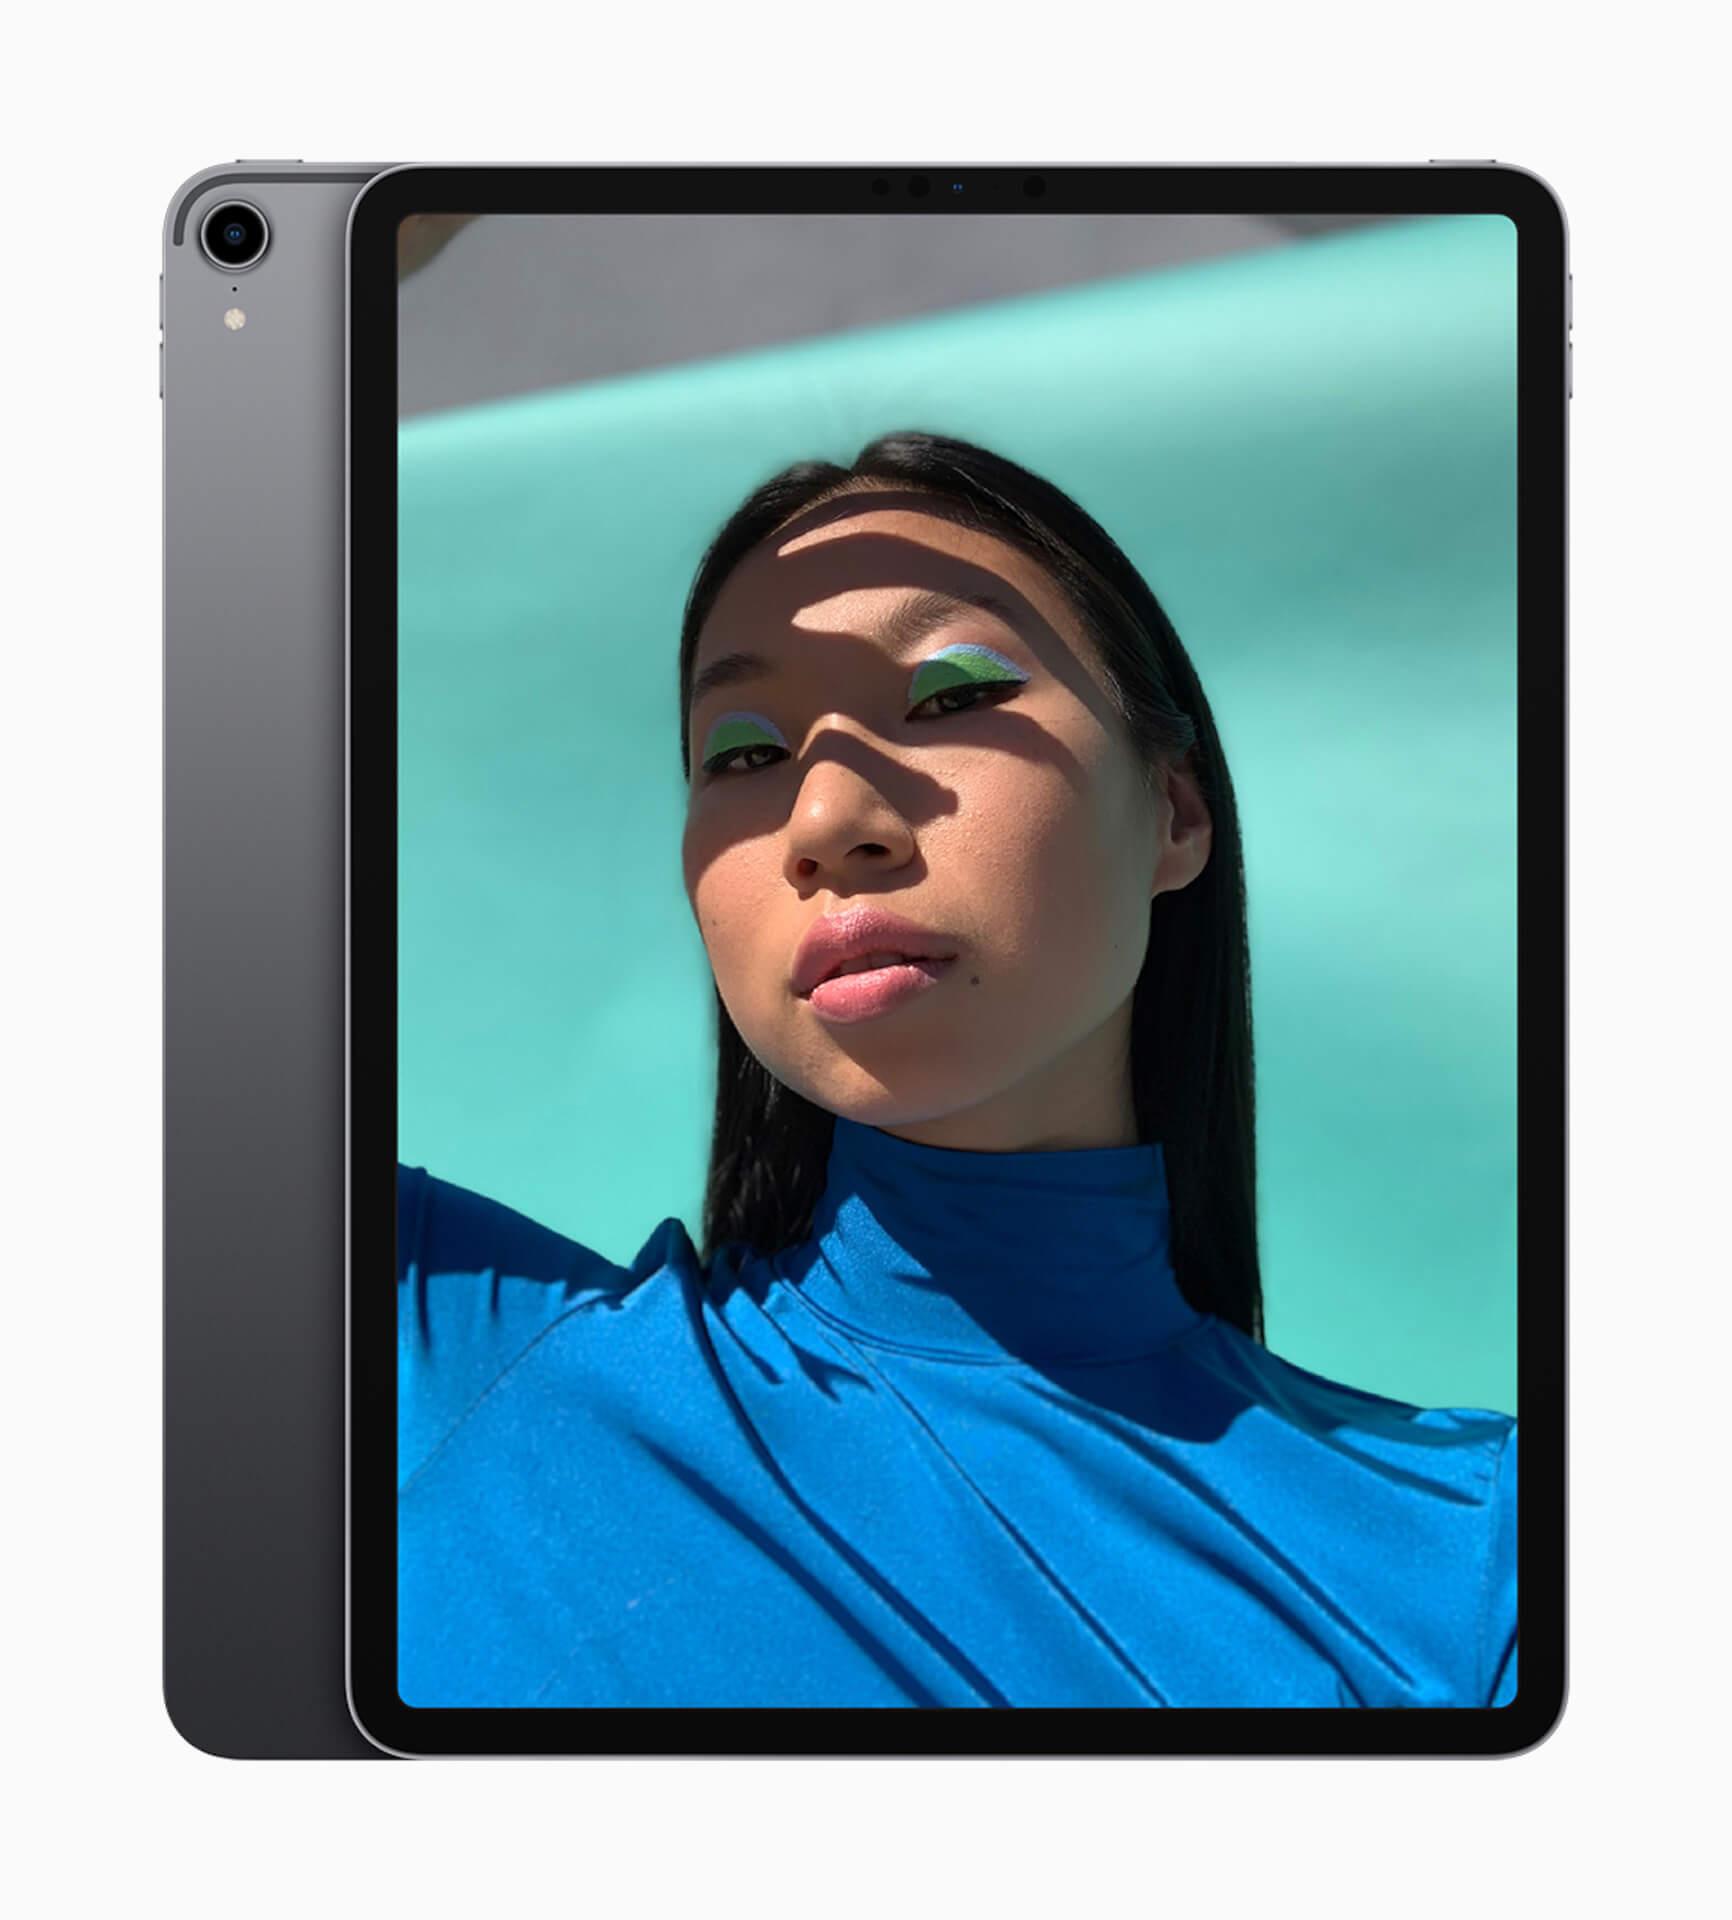 iPad Air 4は指紋認証できるTouch IDが搭載&Magic Keyboard対応!?仕様書に関するリーク画像が公開か tech200828_ipadair_main